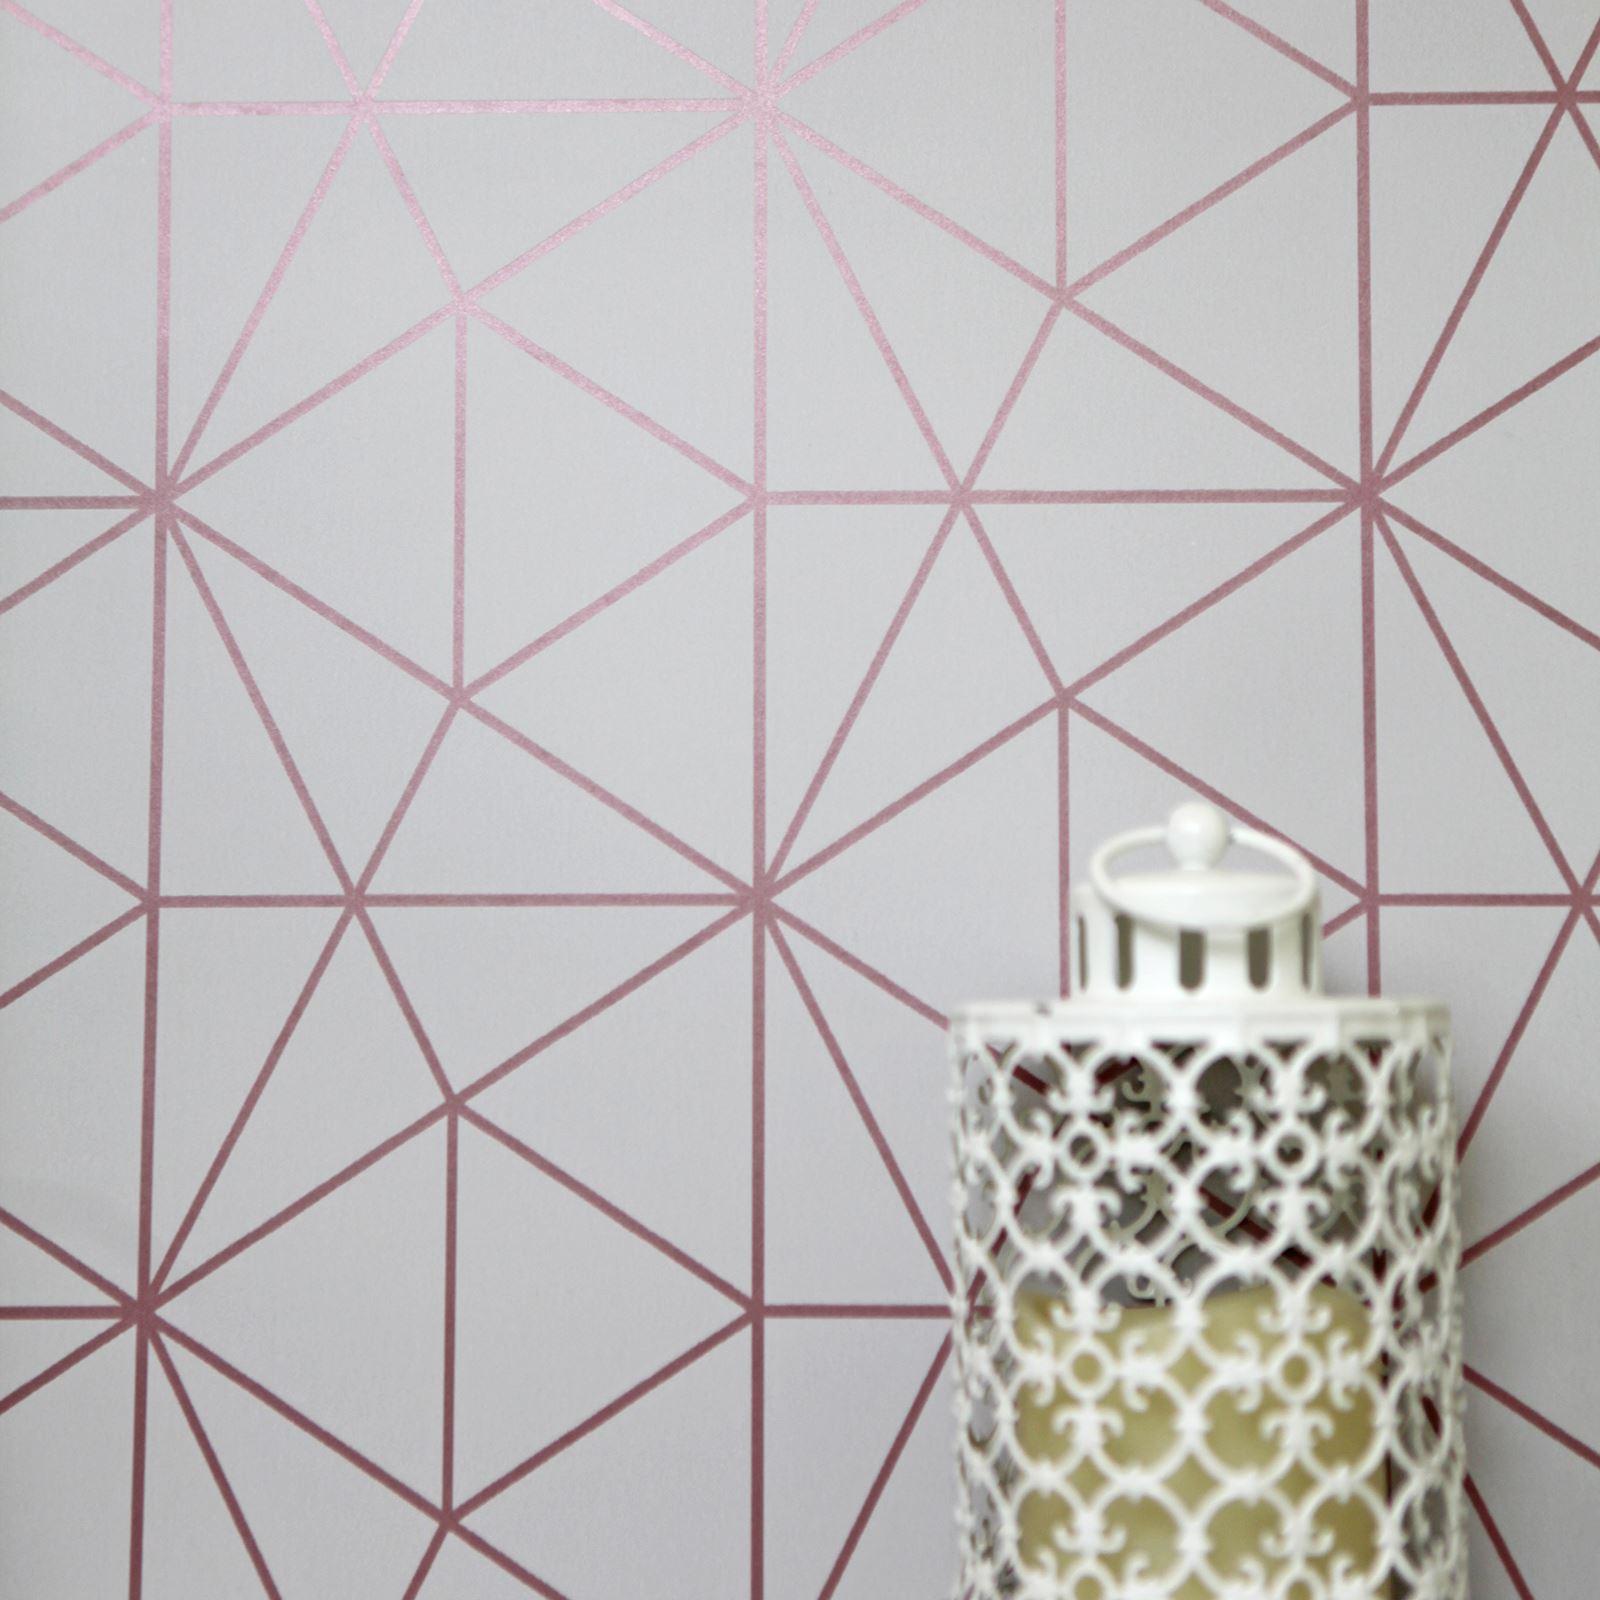 m tro prisme g om trique triangle papier peint gris dor rose wow009 luxe ebay. Black Bedroom Furniture Sets. Home Design Ideas